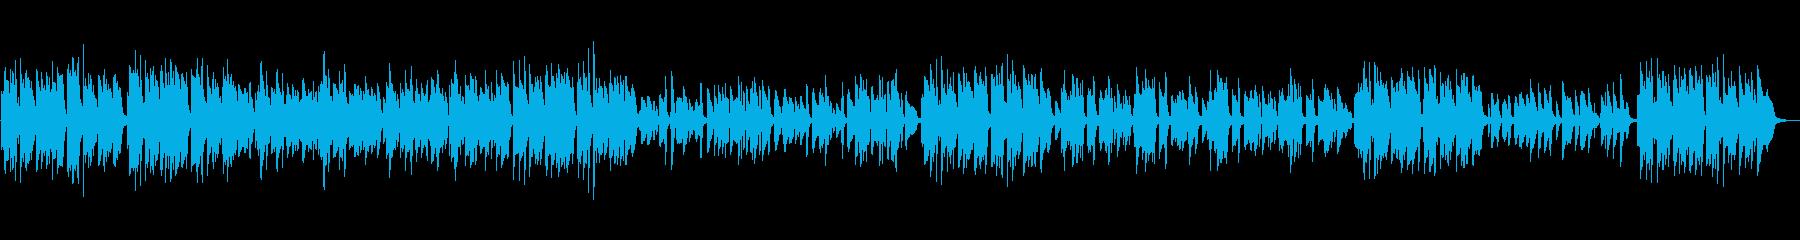 ピアノソロ、ショパンの明るいワルツの再生済みの波形